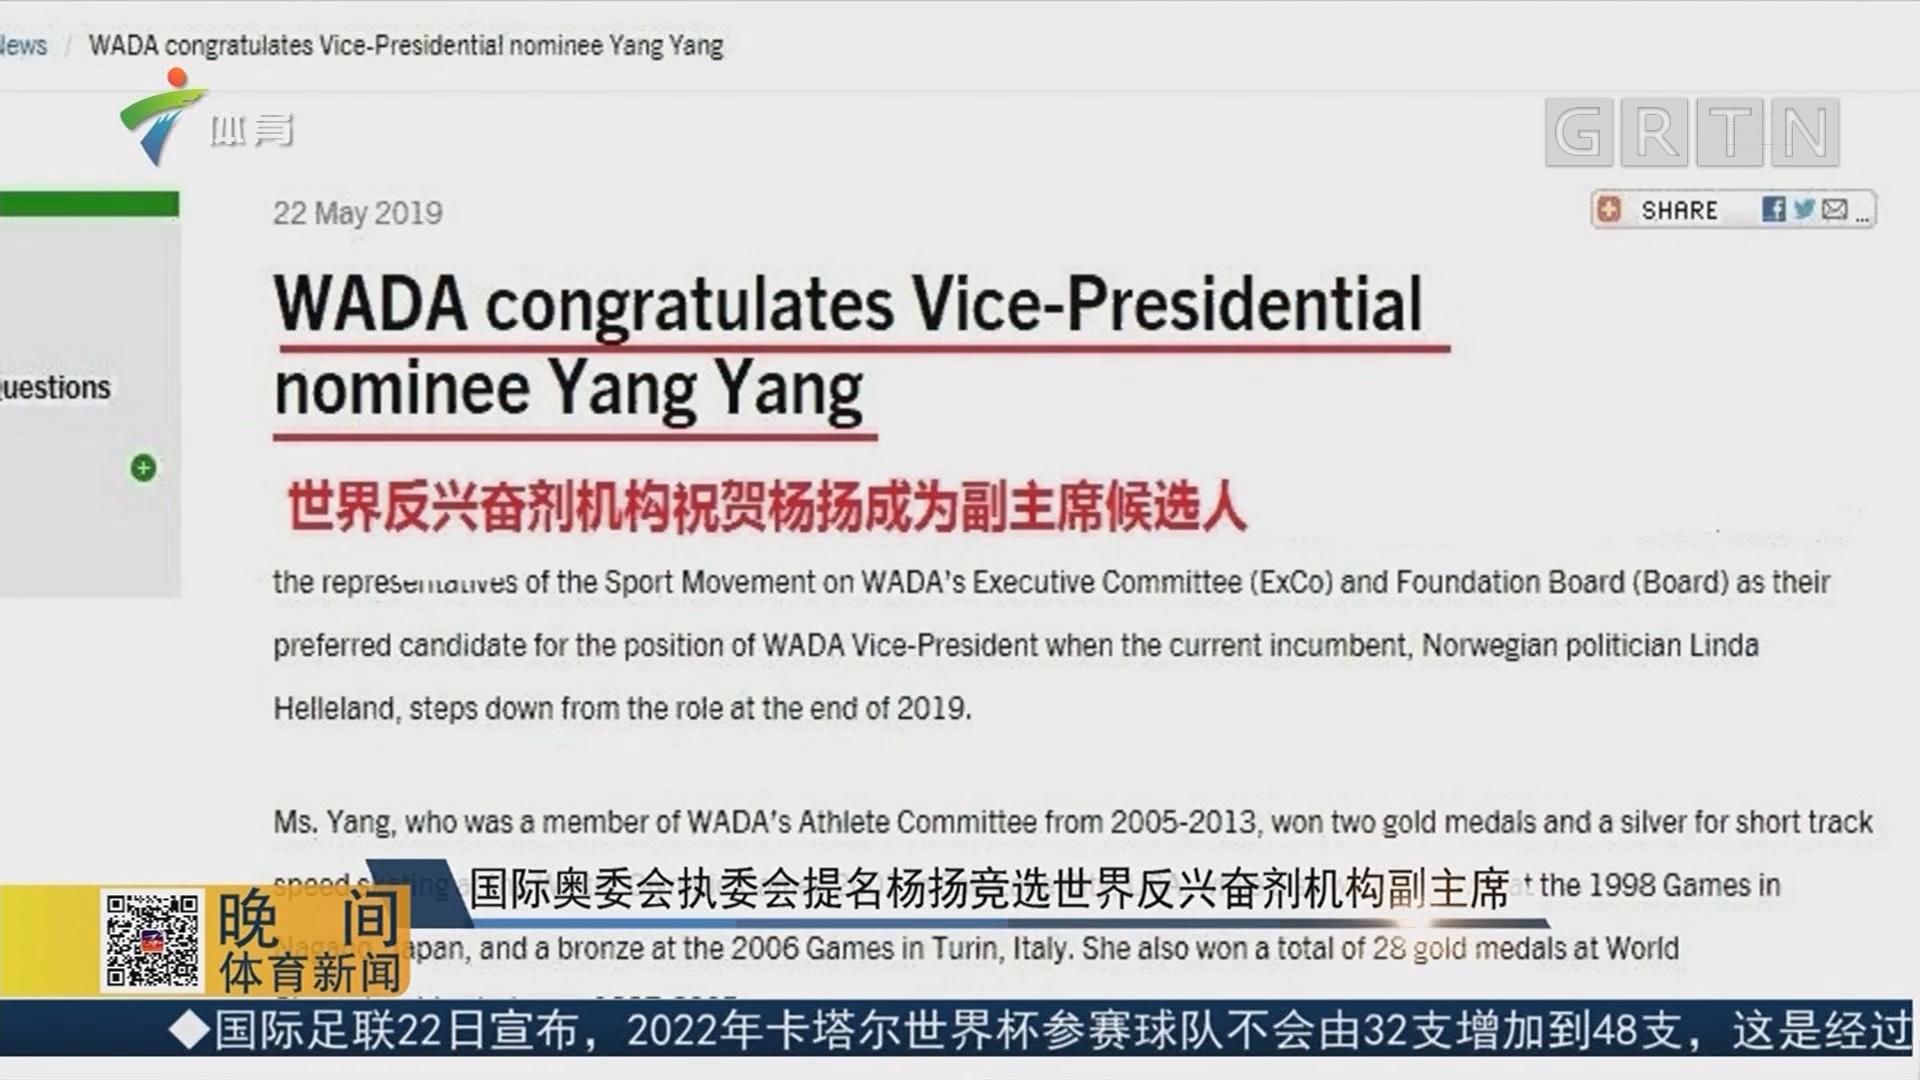 国际奥委会执委会提名杨扬竞选世界反兴奋剂机构副主席